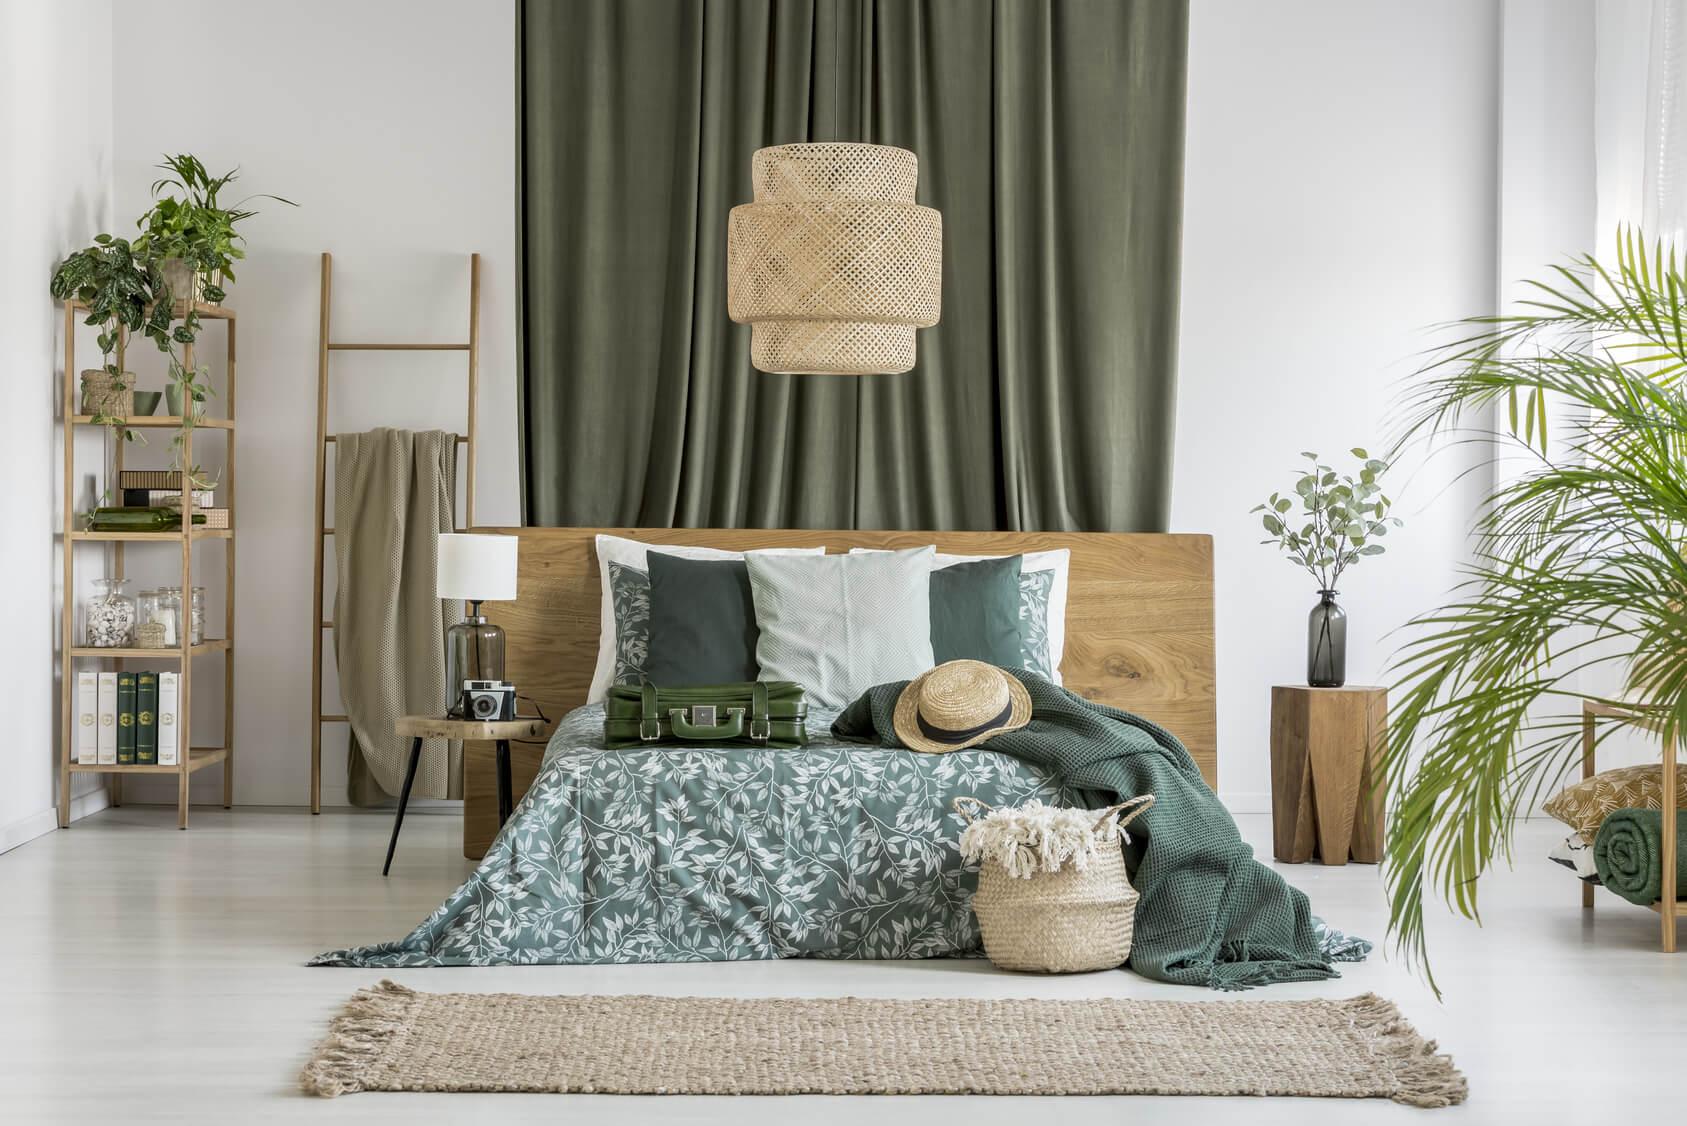 Pflanzen im Schlafzimmer – Einfluss auf's Schlafklima